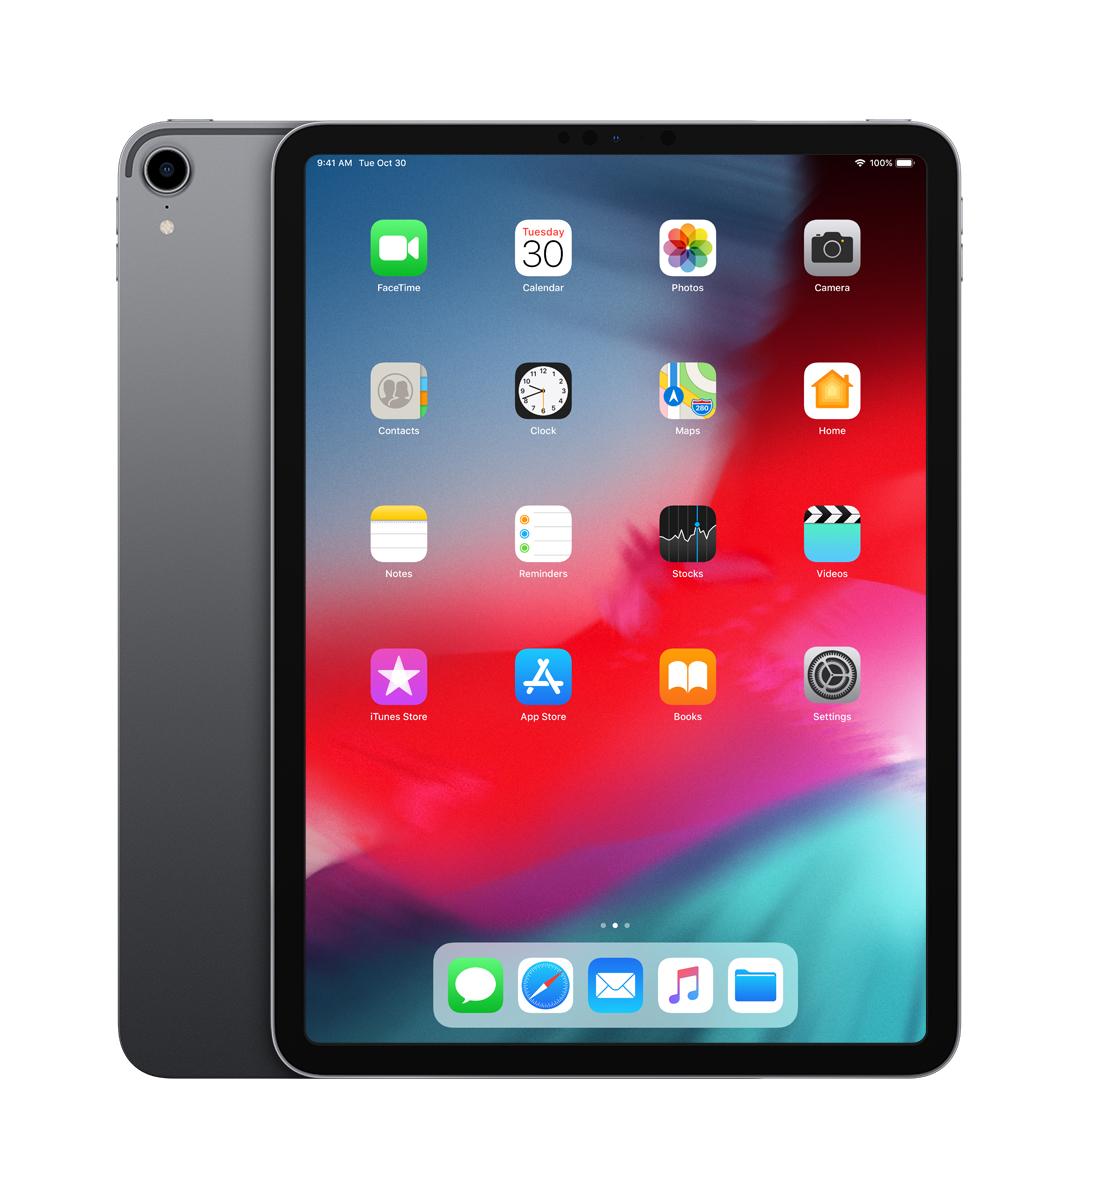 iPad Pro 2018 - 11in - Wi-Fi - 64GB - Space Gray